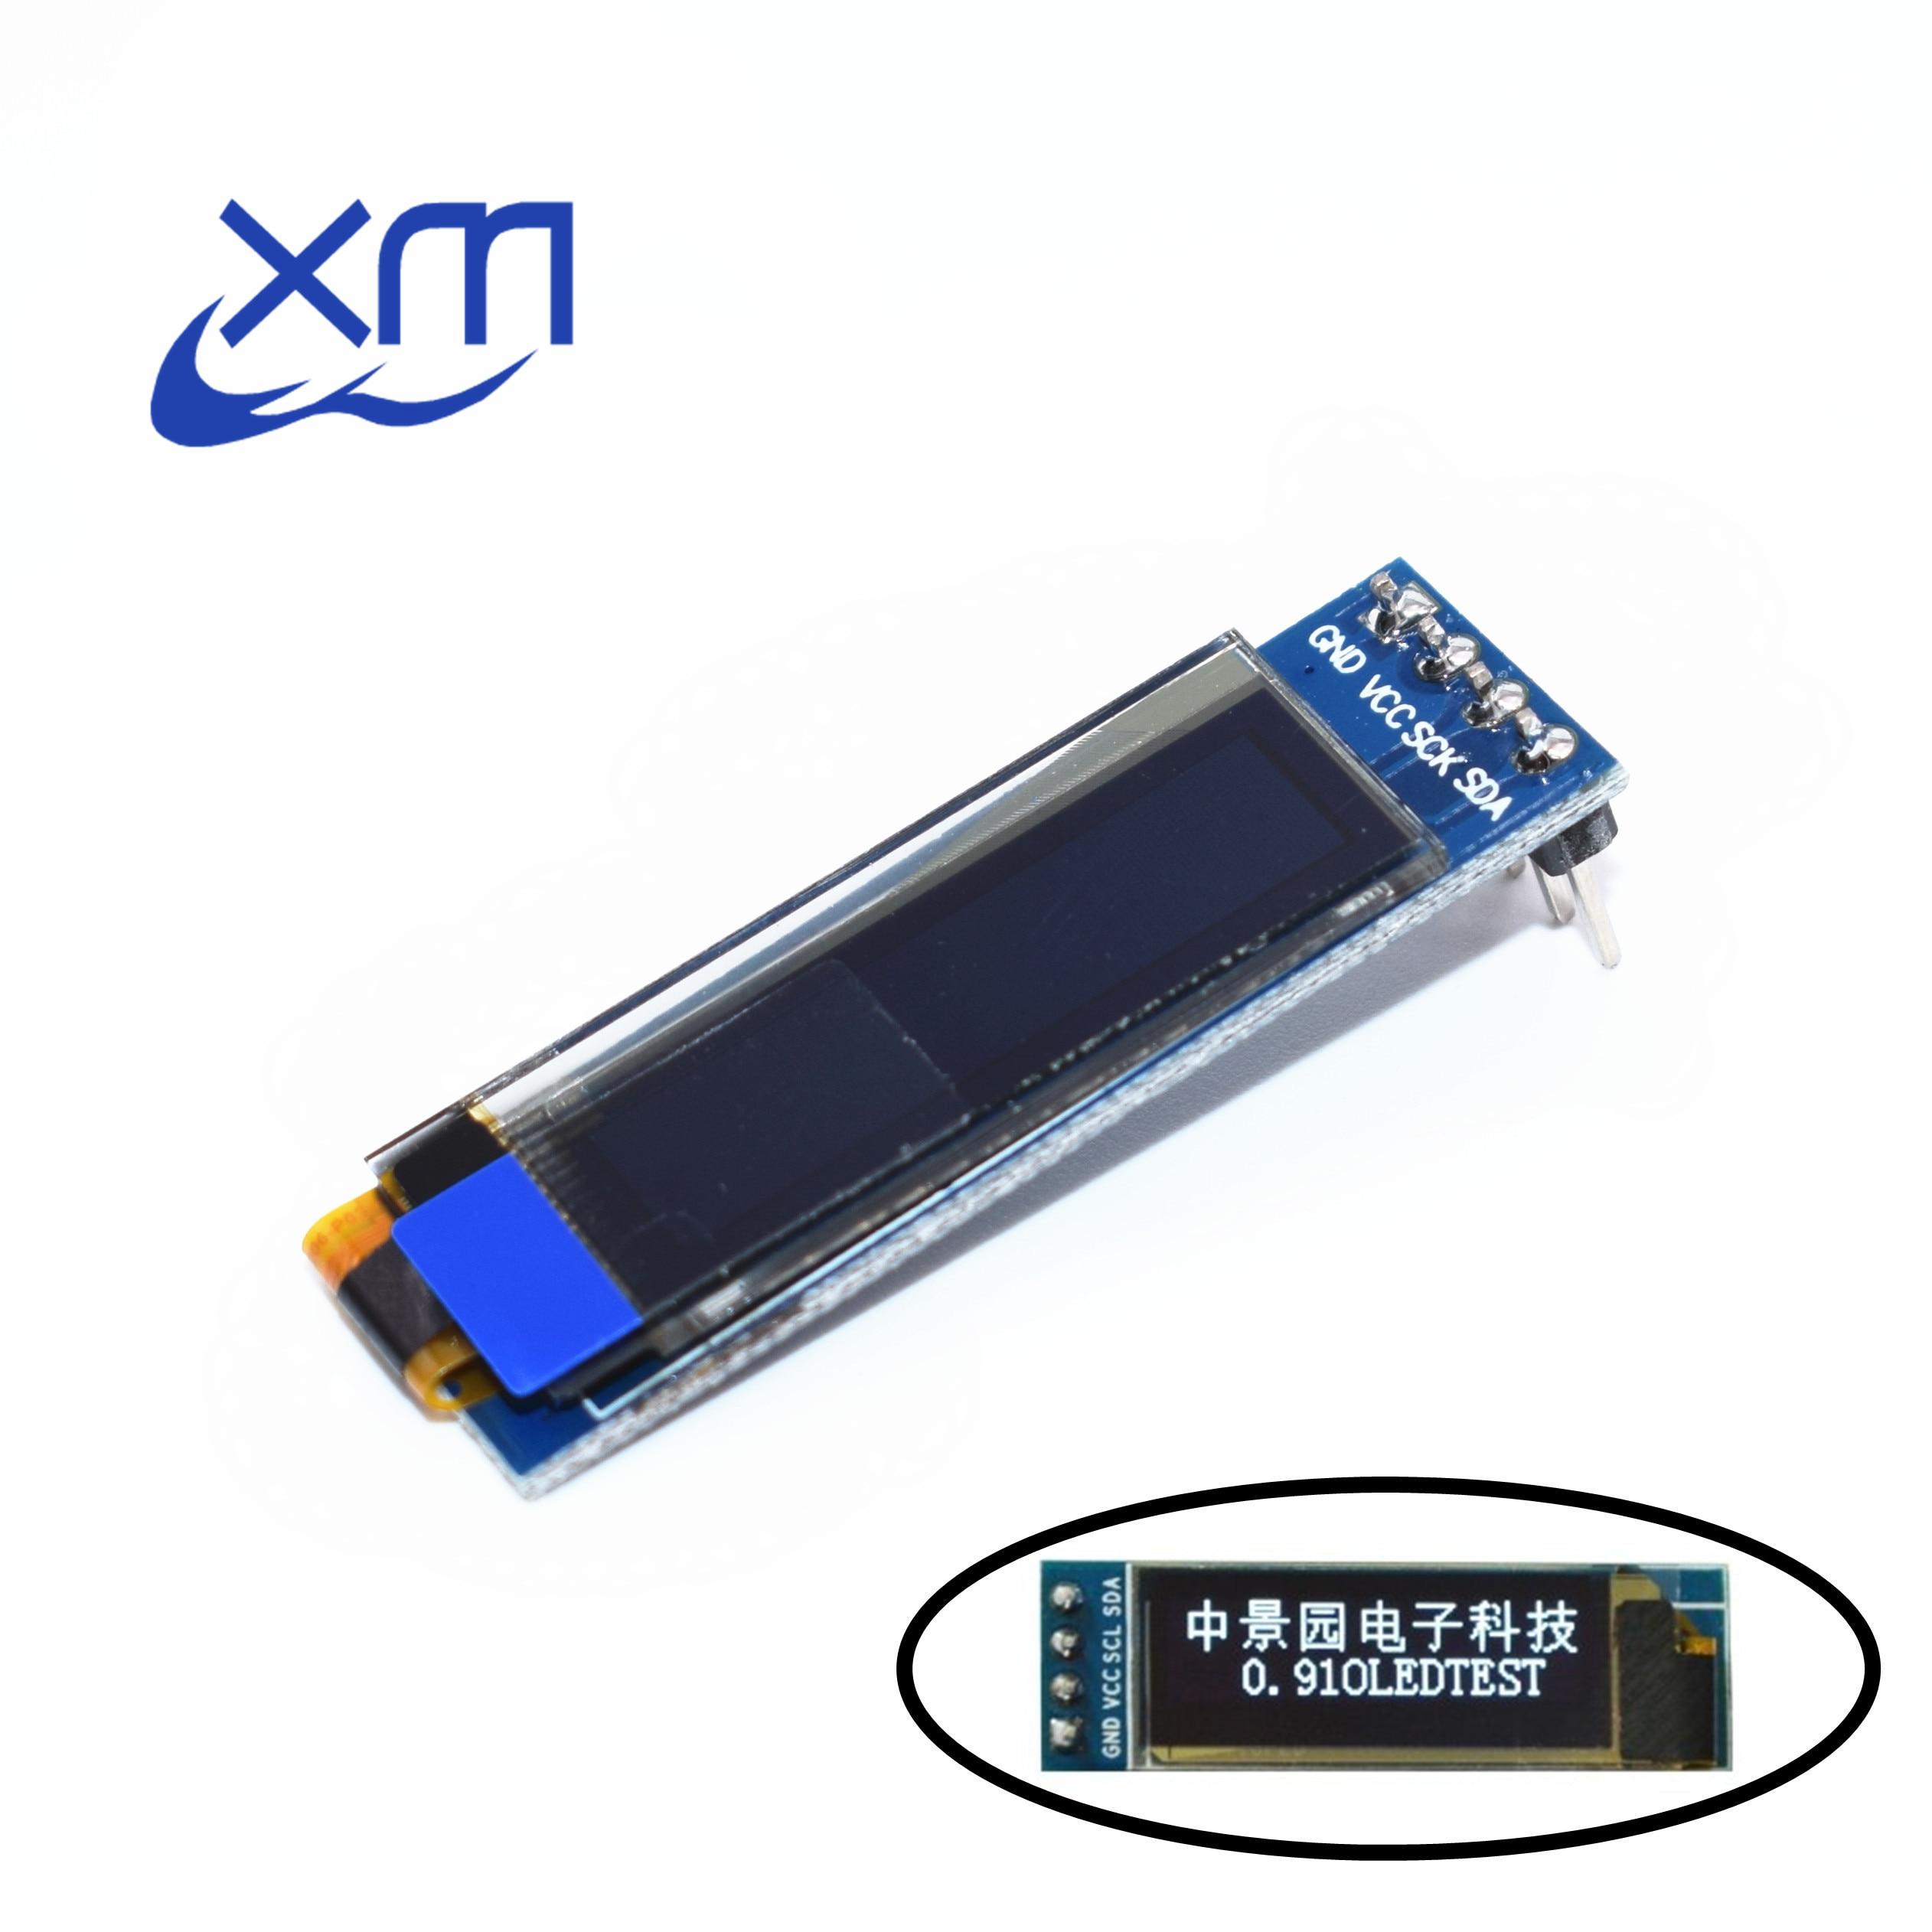 20pcs 0 91 inch OLED module 0 91 white OLED 128X32 OLED LCD LED Display Module